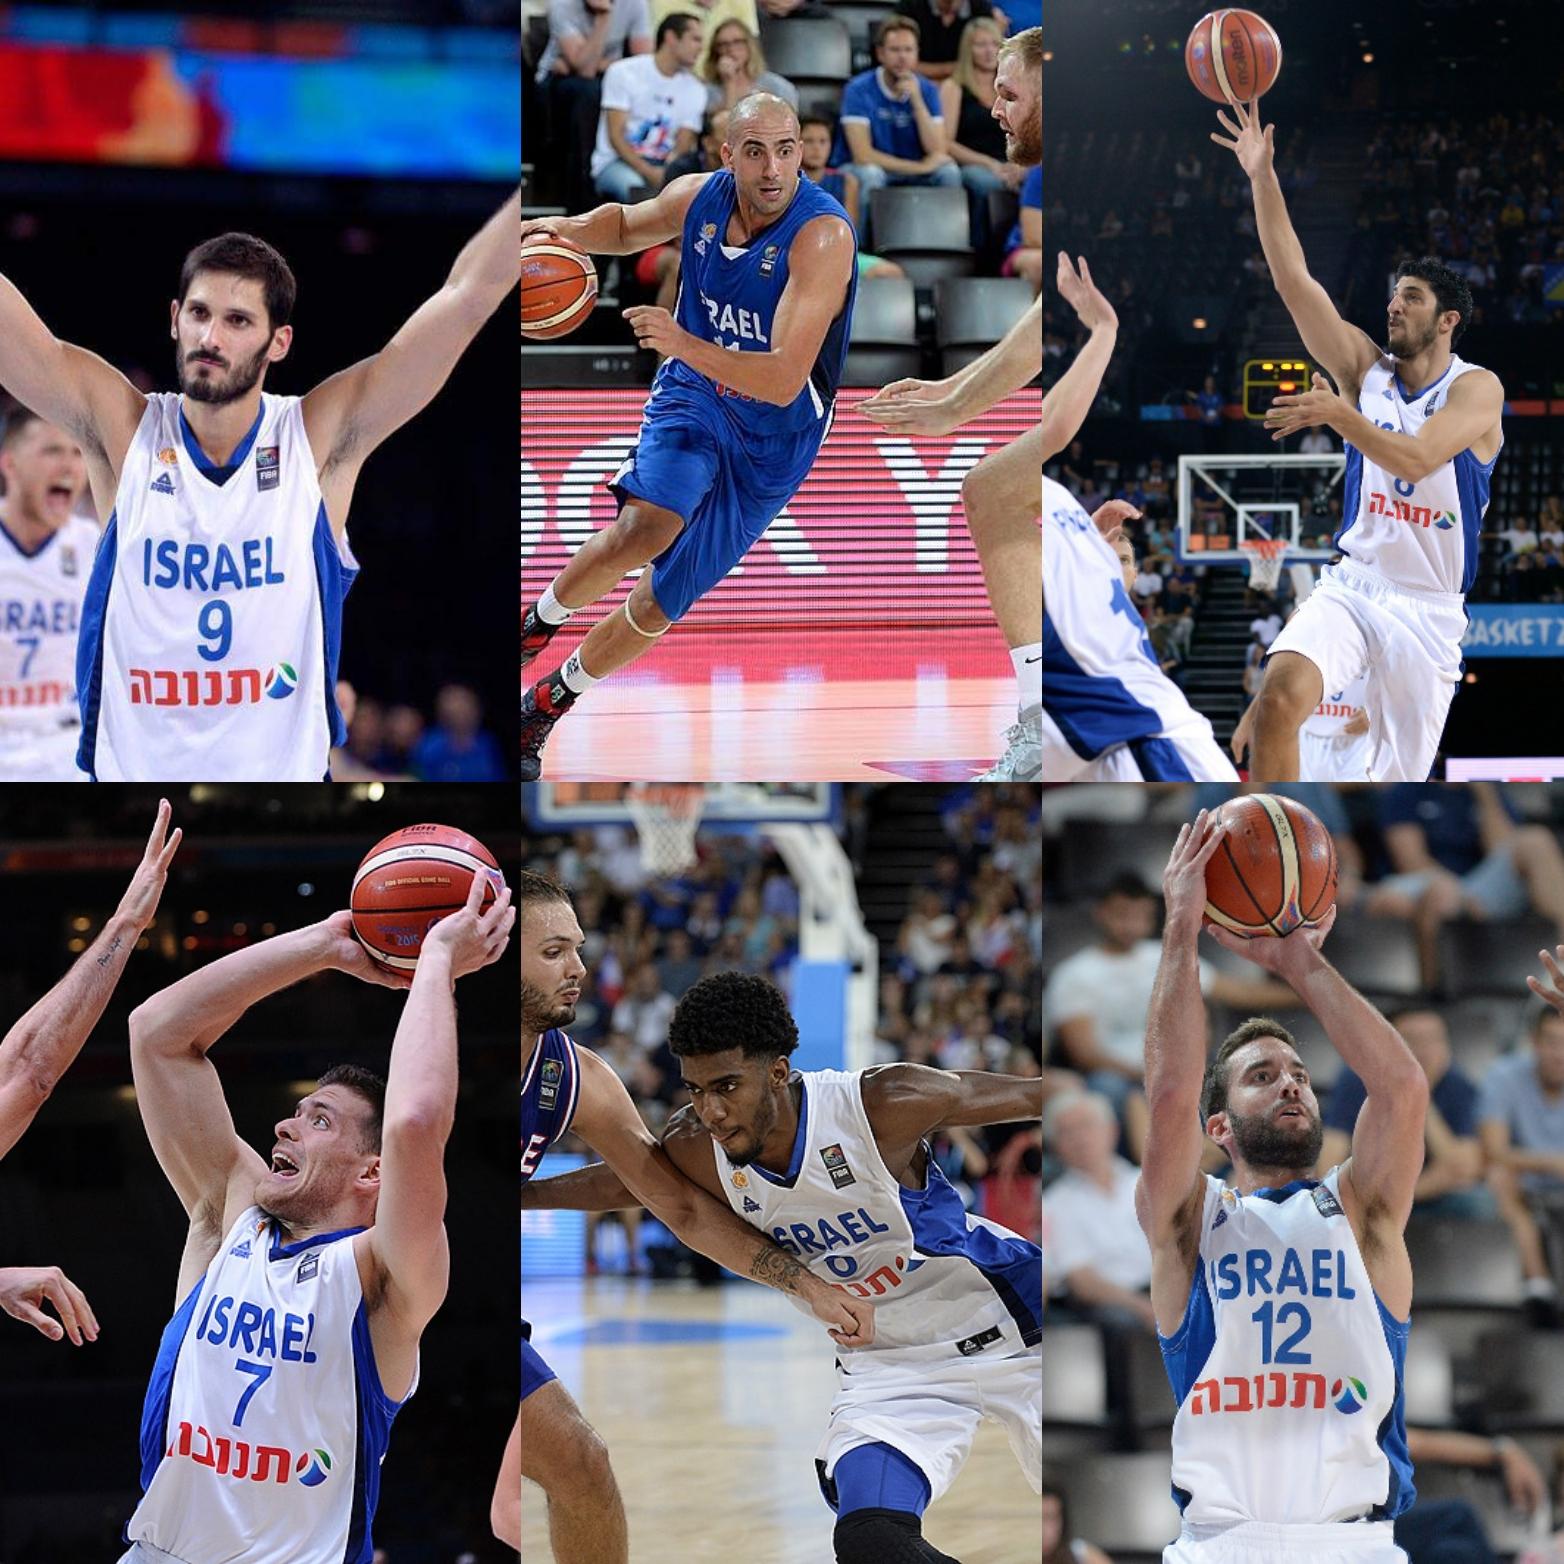 16 שחקנים בסגל נבחרת ישראל לאליפות אירופה. זלמנסון זומן